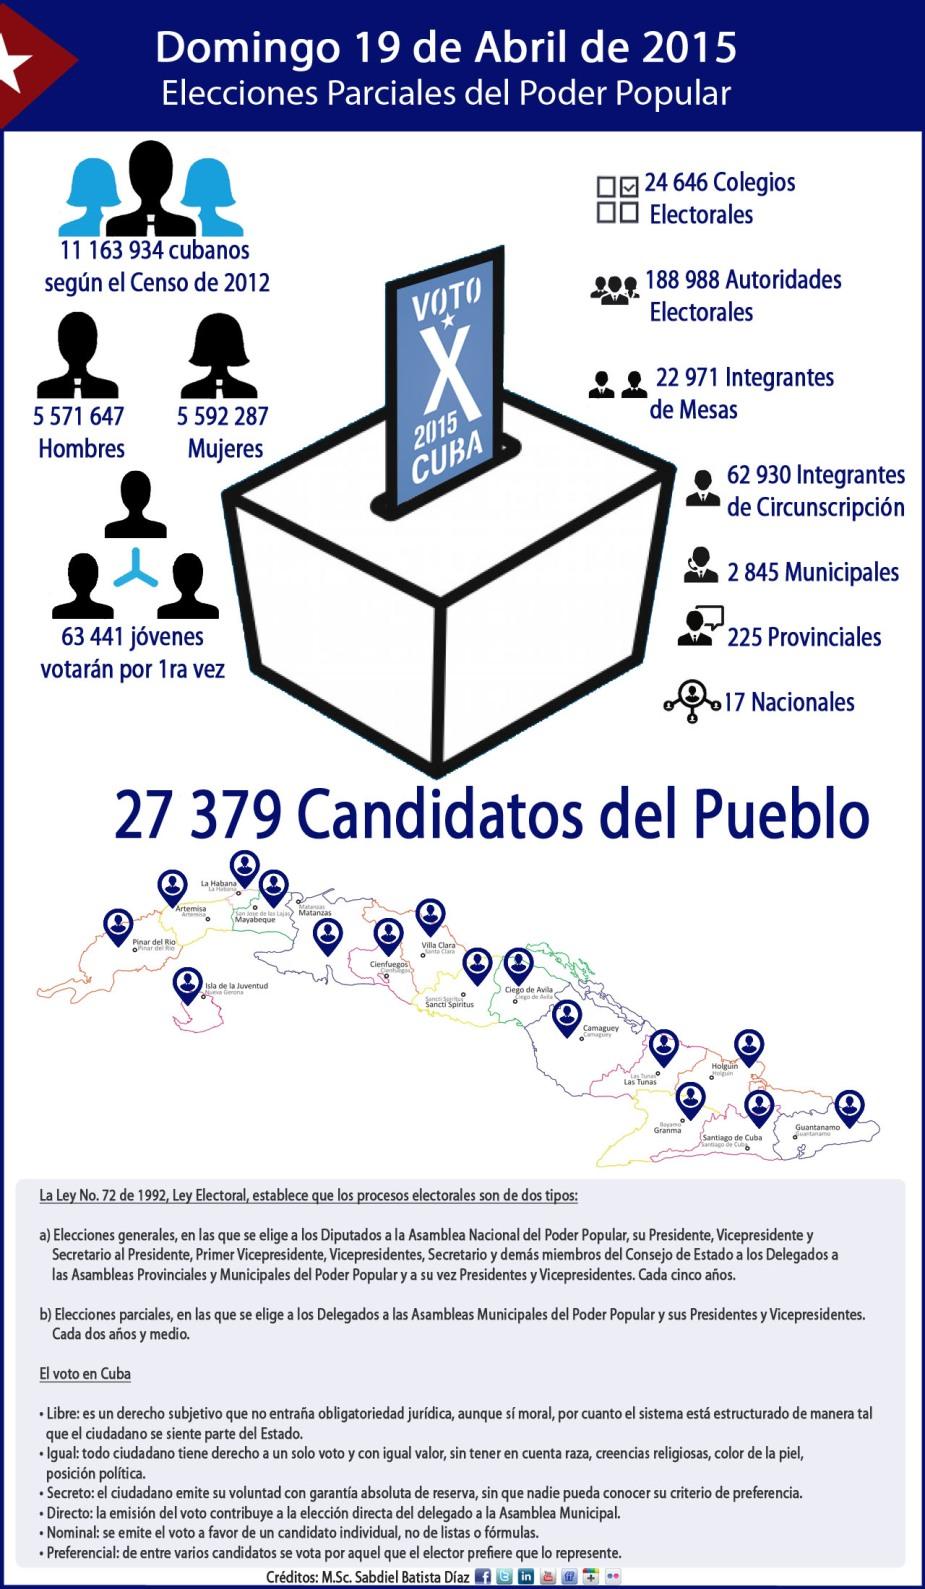 Elecciones Parciales en Cuba